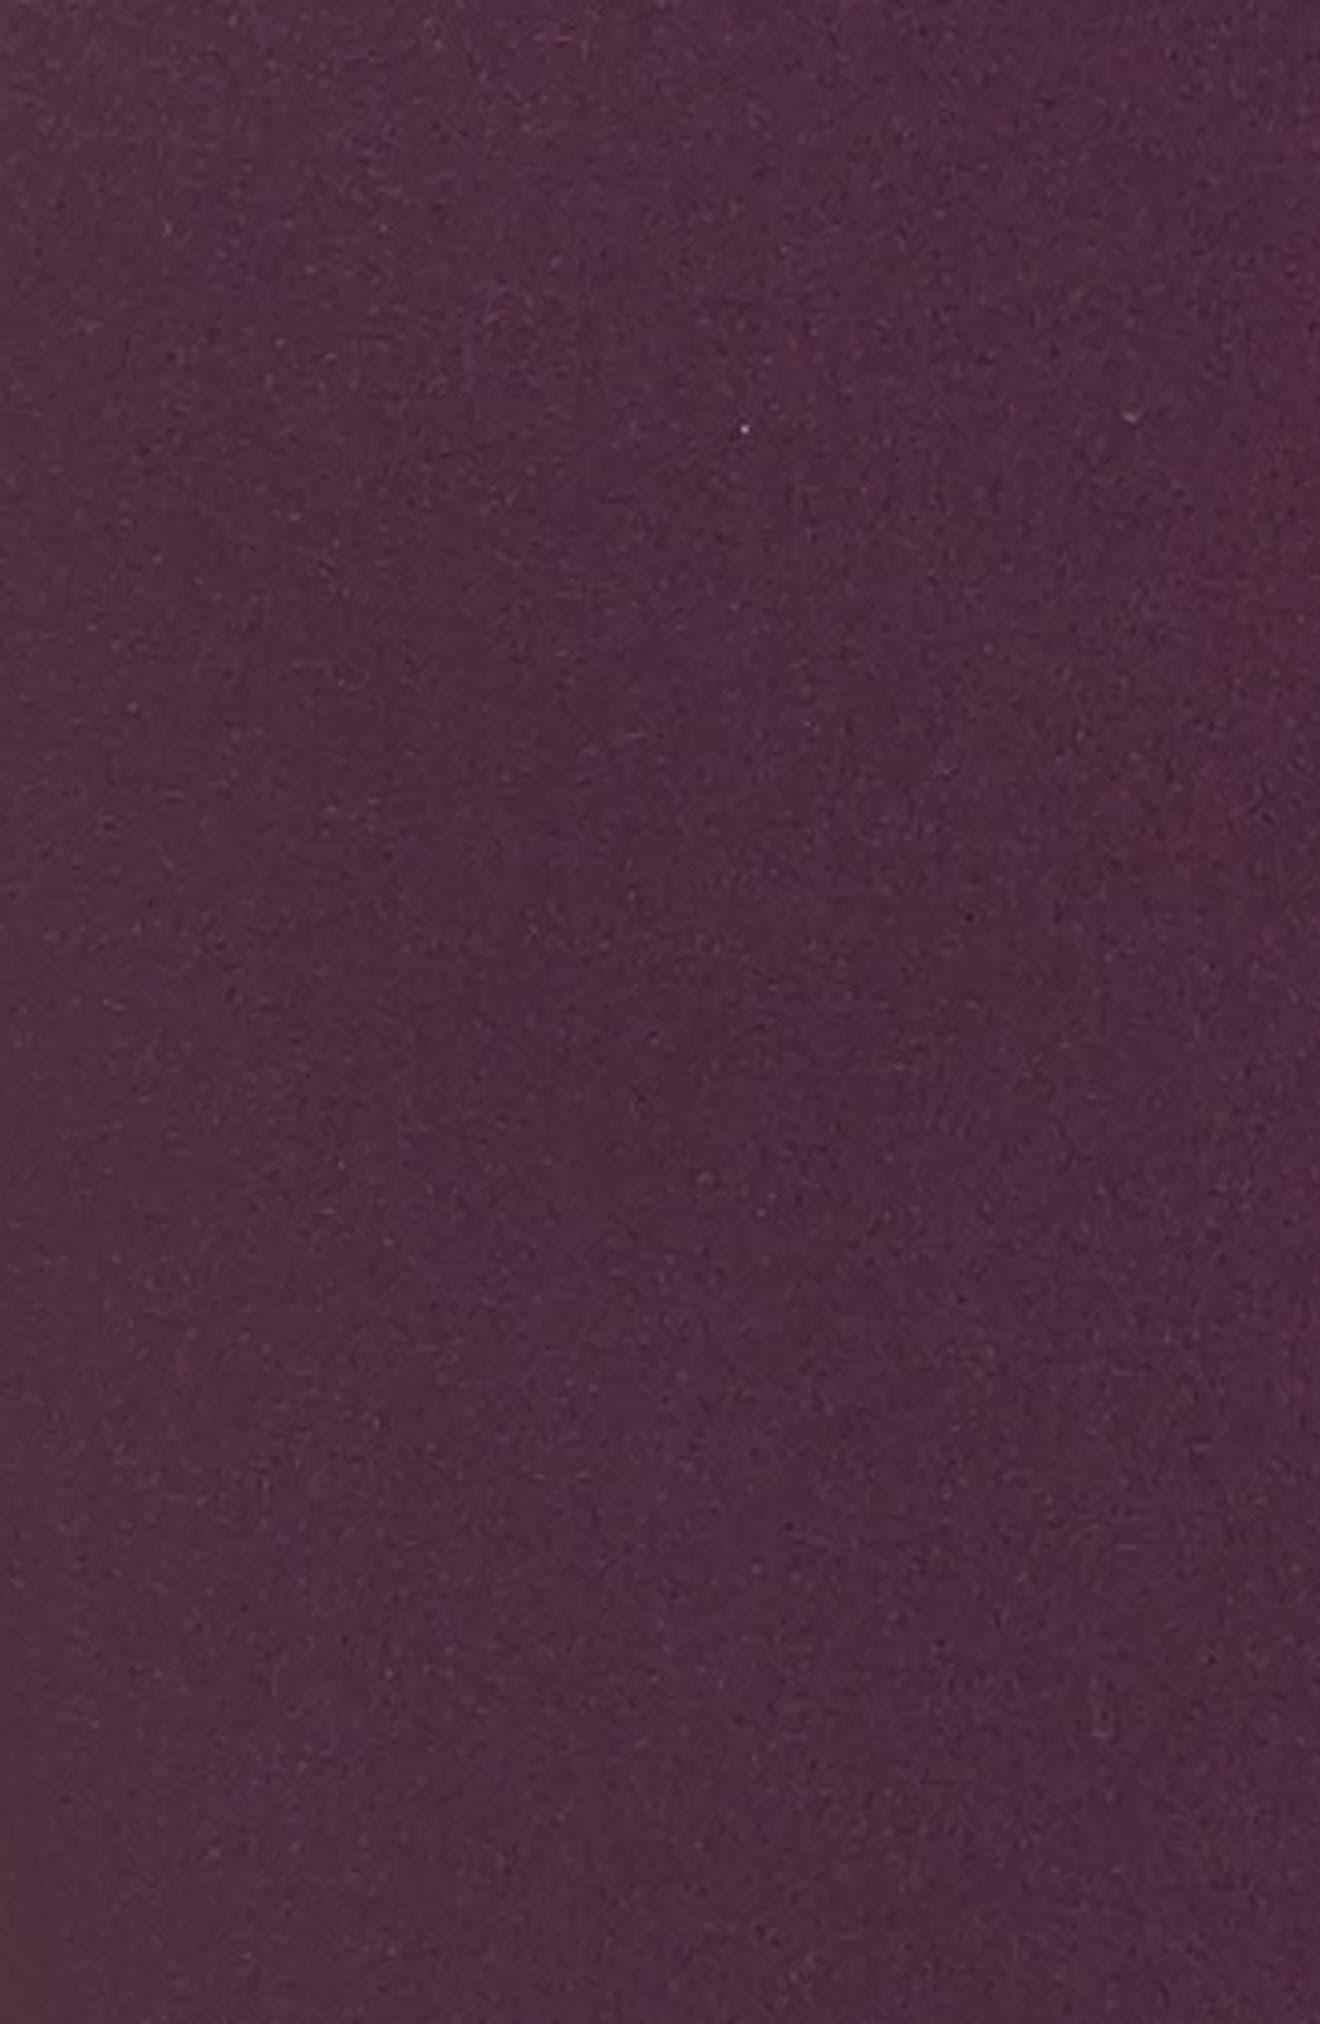 Crystal Pleated Neck Jumpsuit,                             Alternate thumbnail 5, color,                             Eggplant